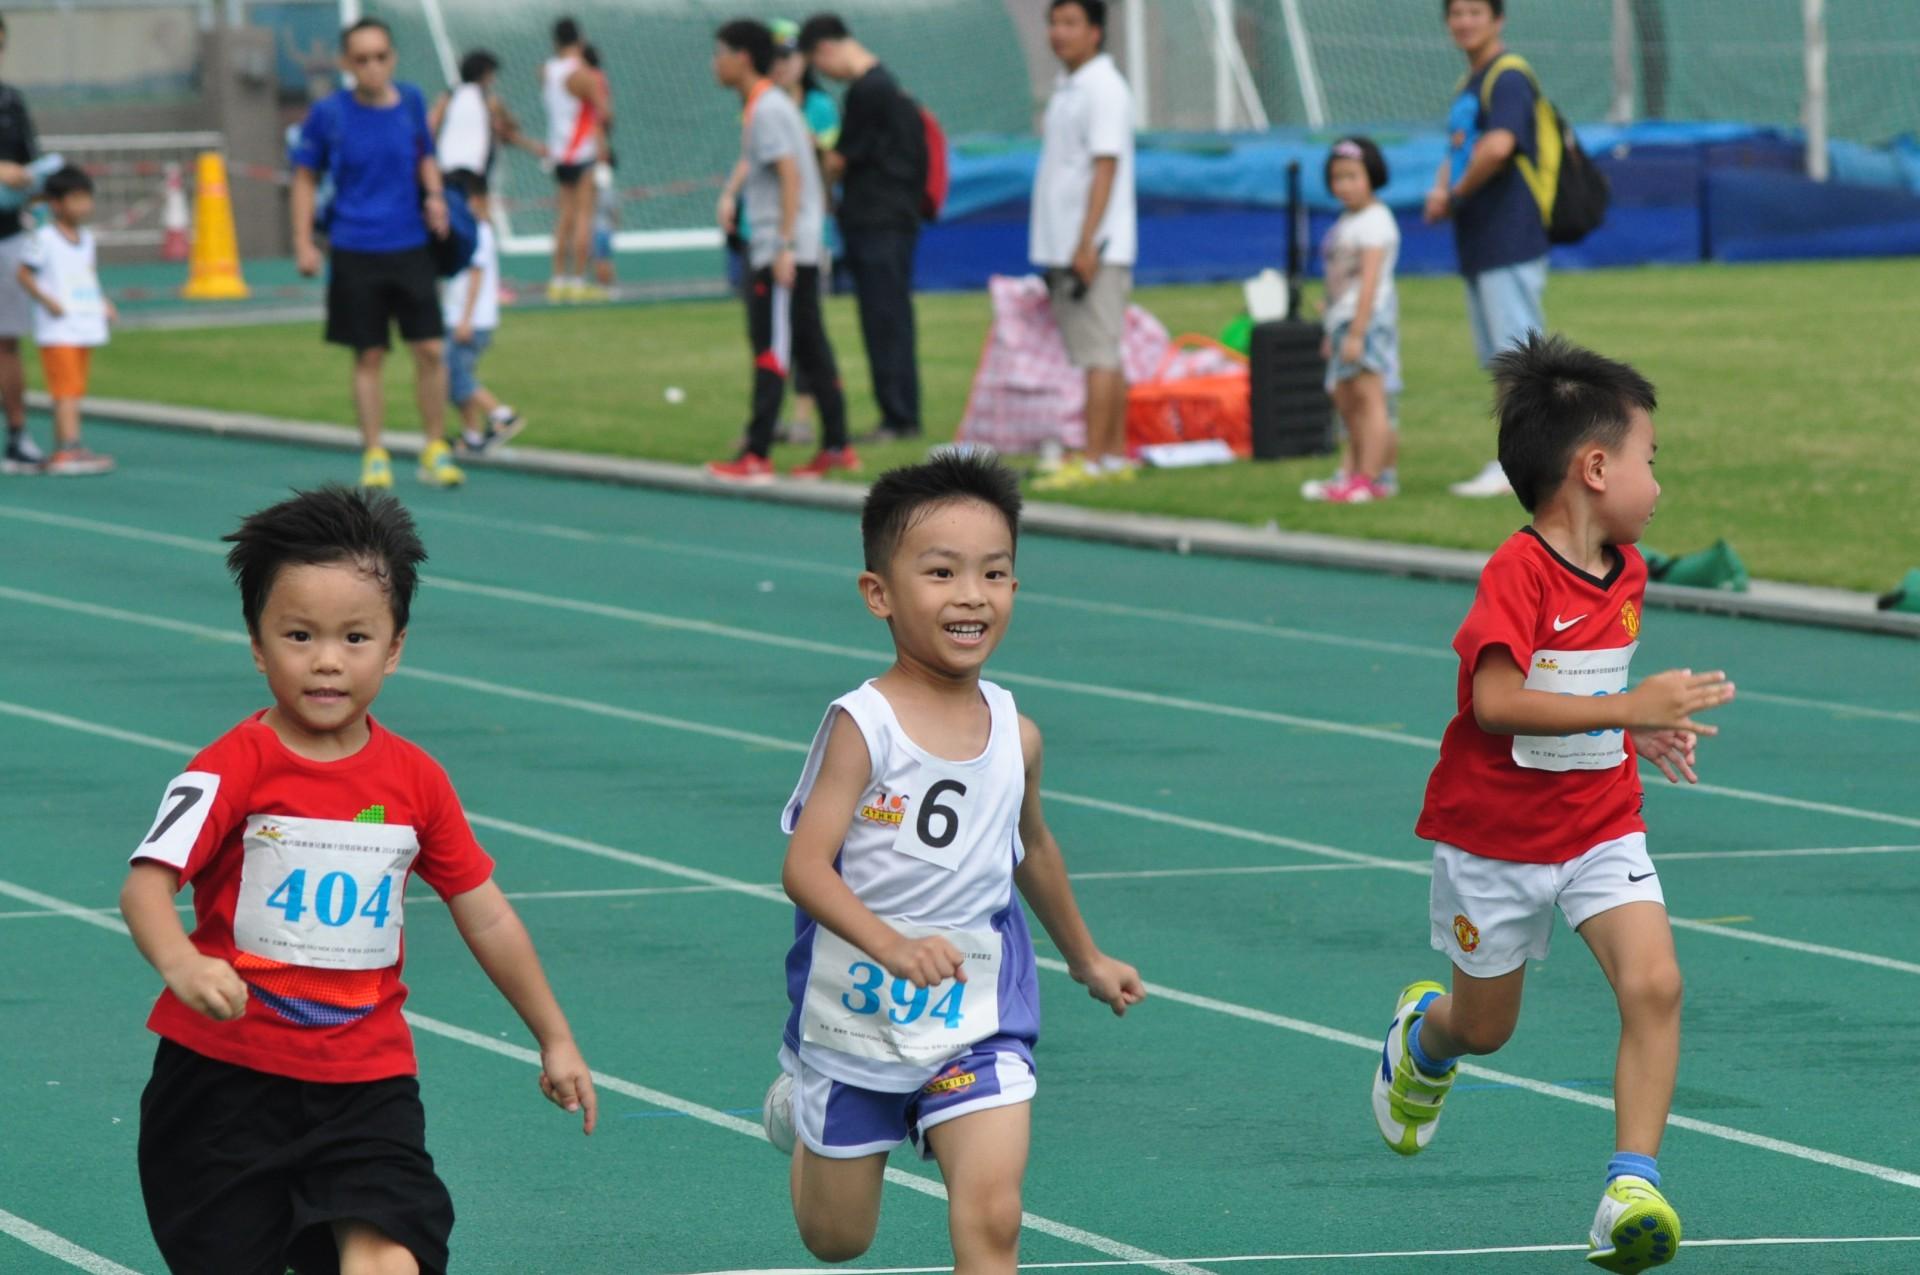 第七屆香港兒童親子田徑錦標賽2015 第三回合